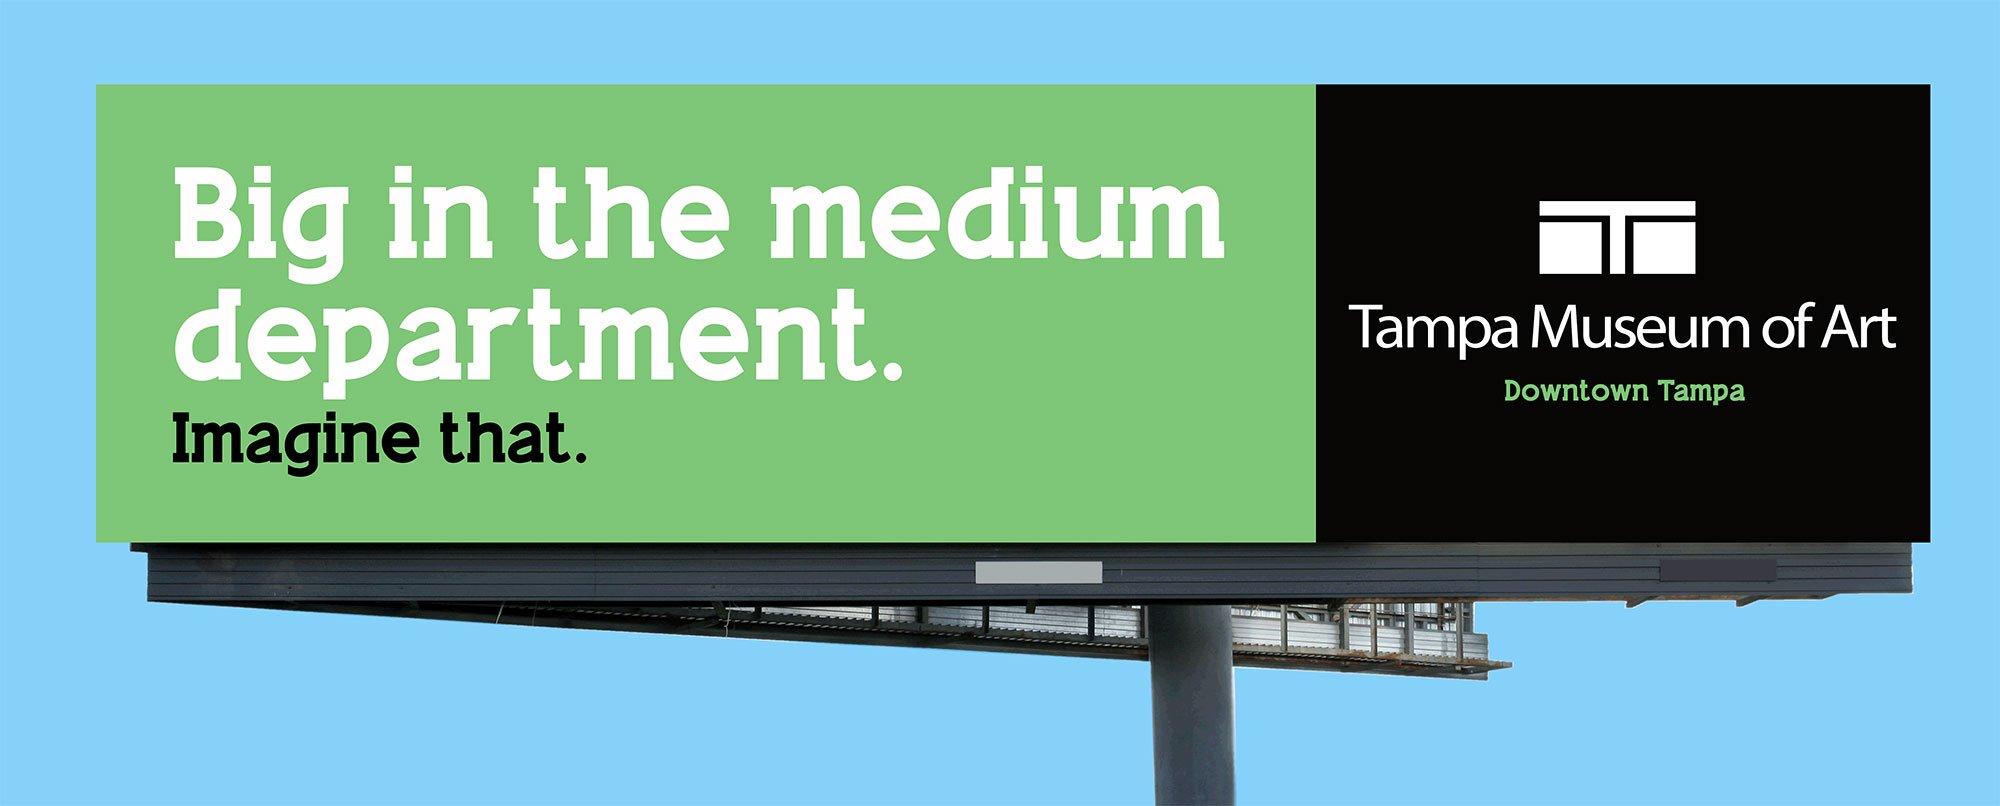 Tampa Museum of Art-Outdoor Billboard